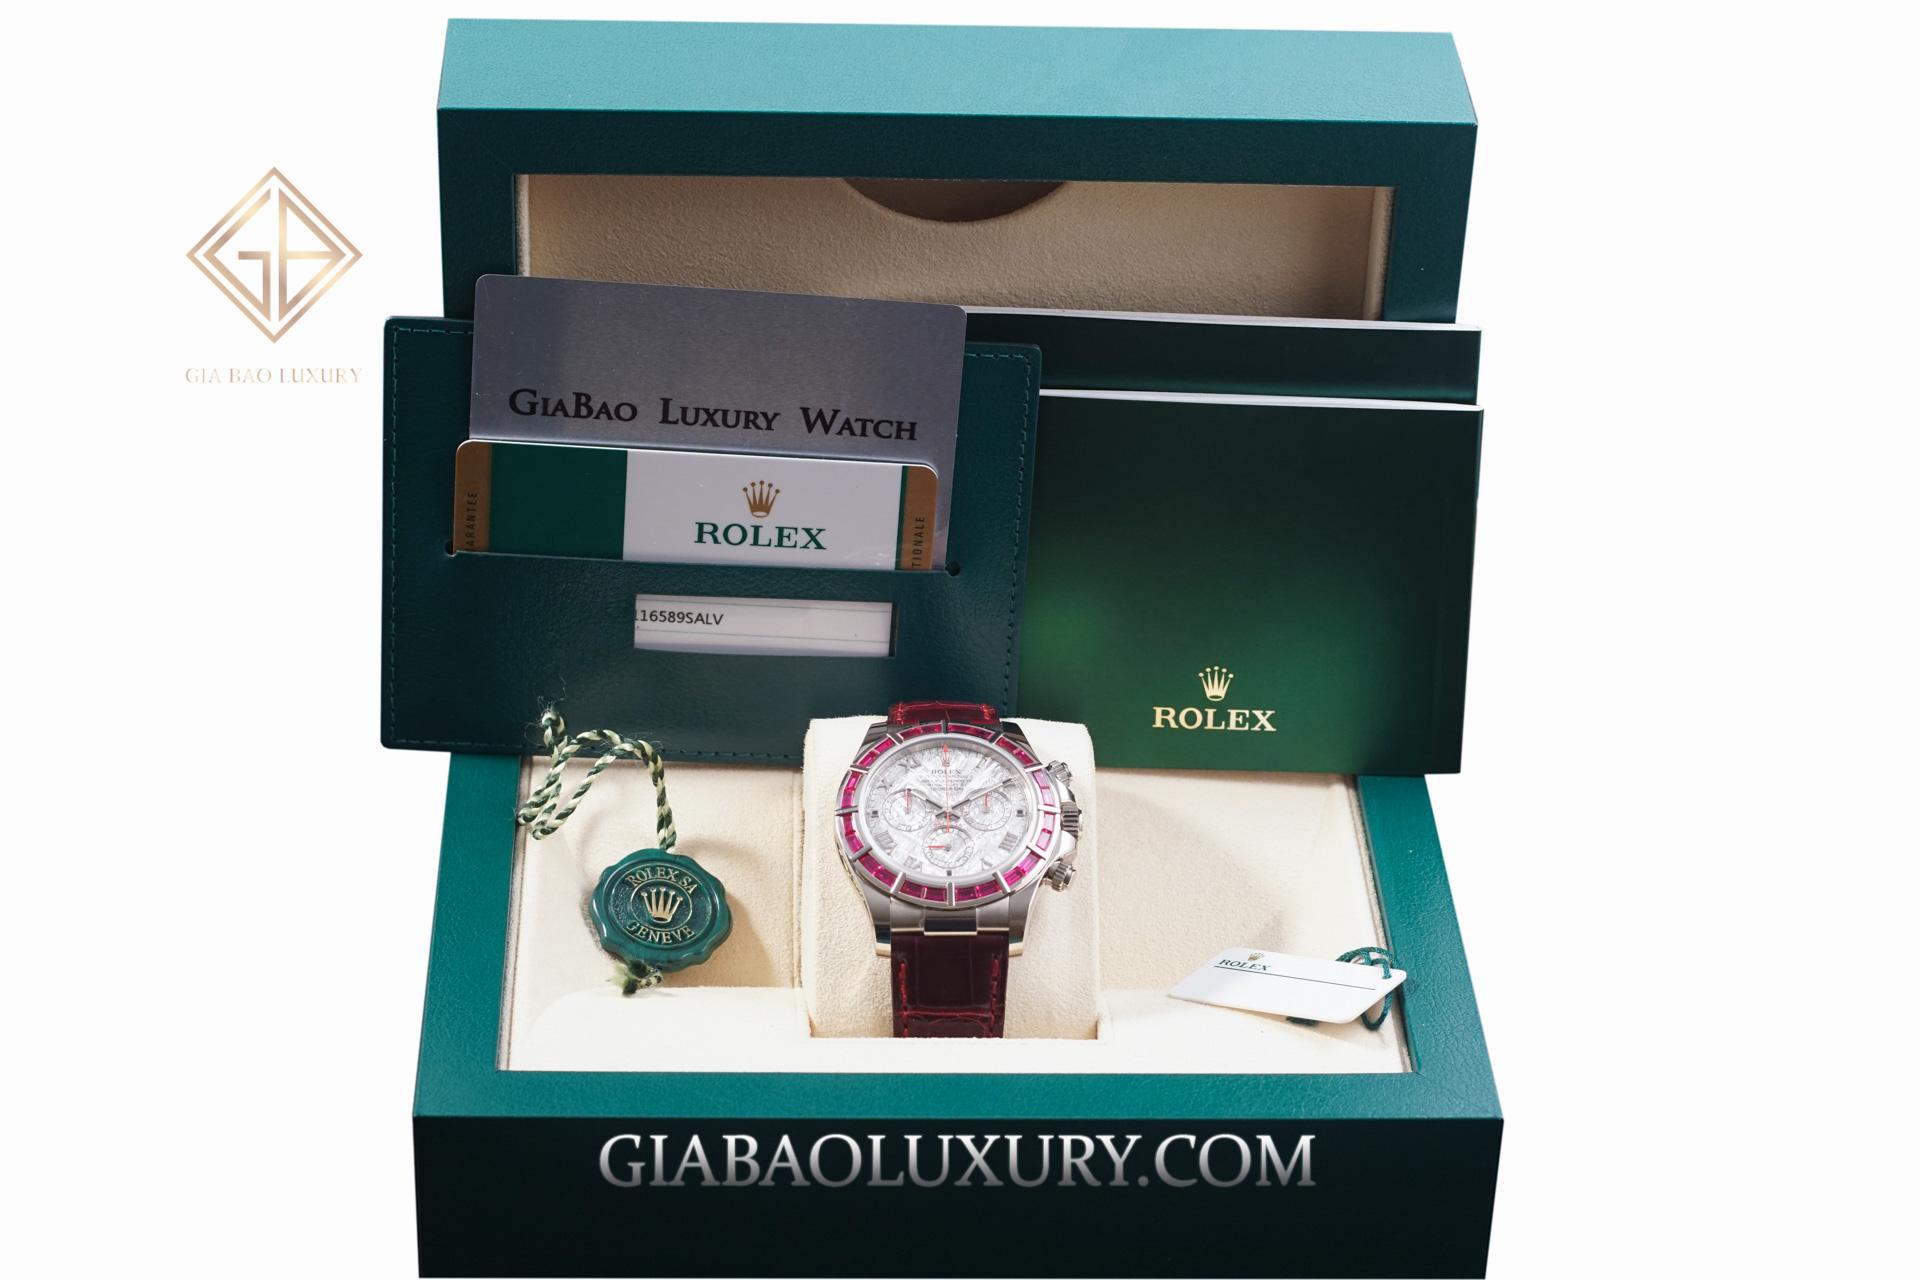 Gia Bảo Luxury - Địa chỉ cung cấp đồng hồ Rolex chính hãng uy tín toàn quốc